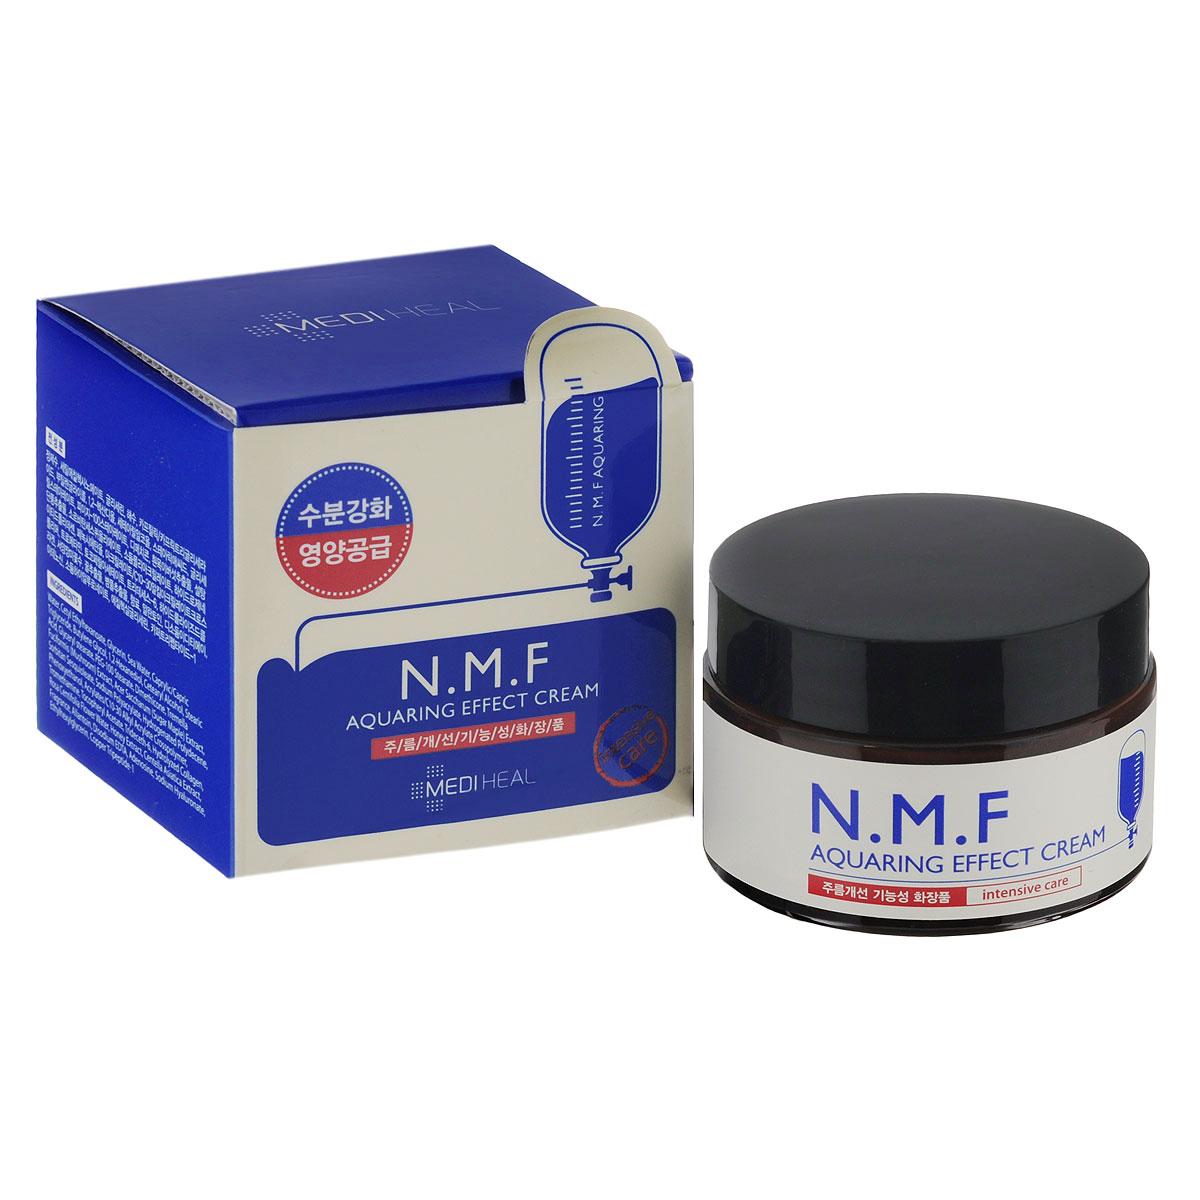 Beauty Clinic Крем для лица Aquaring Effect, с N.M.F., увлажняющий, 45 мл555869Крем Aquaring Effect содержит N.M.F. и другие увлажняющие и подтягивающие компоненты, такие как глубинная морская вода, гиалуроновая кислота, экстракты древесного гриба, сахарного клена, меда, центеллы азиатской. Крем интенсивно увлажняет, подтягивает и питает кожу, придает ей свежий вид. Способствует разглаживанию морщин. NMF (натуральный увлажняющий фактор) - это сложный комплекс молекул в роговом слое кожи, который способен притягивать и удерживать влагу, обеспечивать упругость и плотность рогового слоя кожи. В состав NMF входят низкомолекулярные пептиды, карбамид, пирролидонкарбоновая кислота, аминокислоты и т. д. При недостаточности увлажняющего фактора происходит обезвоживание эпидермиса. Глубинная морская вода содержит большое количество питательных веществ и 70 видов минералов, которые активно увлажняют кожу, придают ей здоровый вид, делают цвет кожи более естественным, выравнивают ее тон. Экстракт клена сахарного ускоряет процесс обновления...